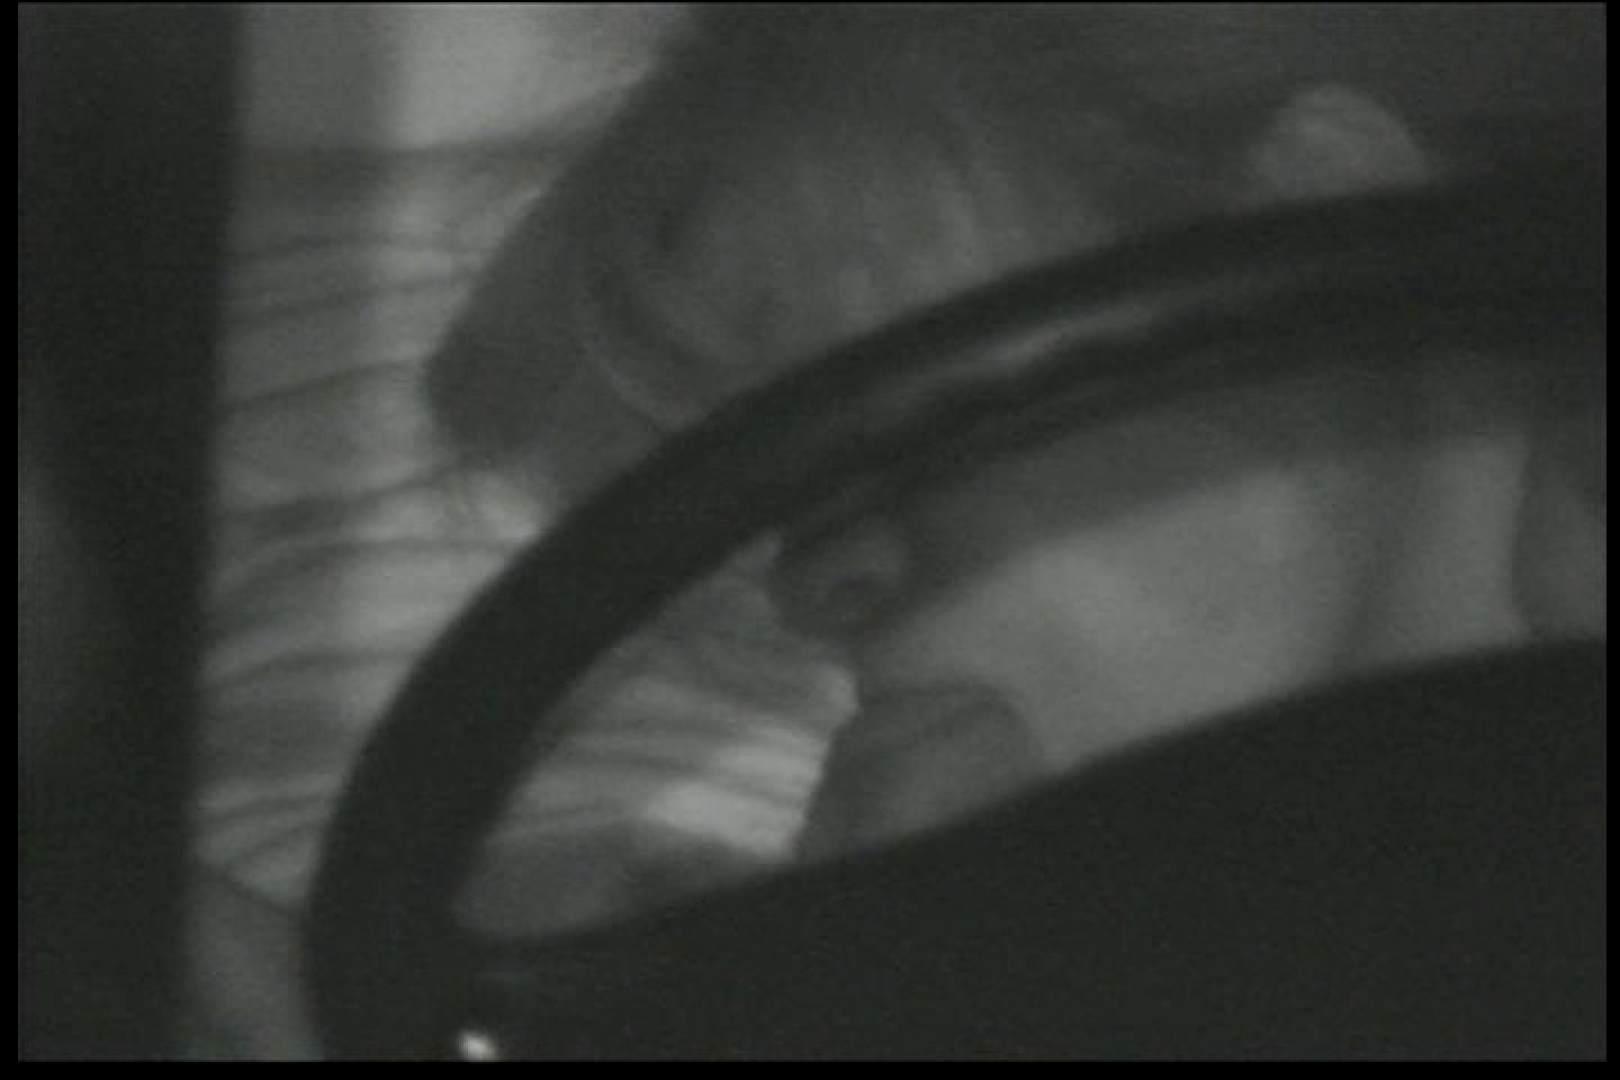 車の中はラブホテル 無修正版  Vol.12 車 すけべAV動画紹介 109連発 52